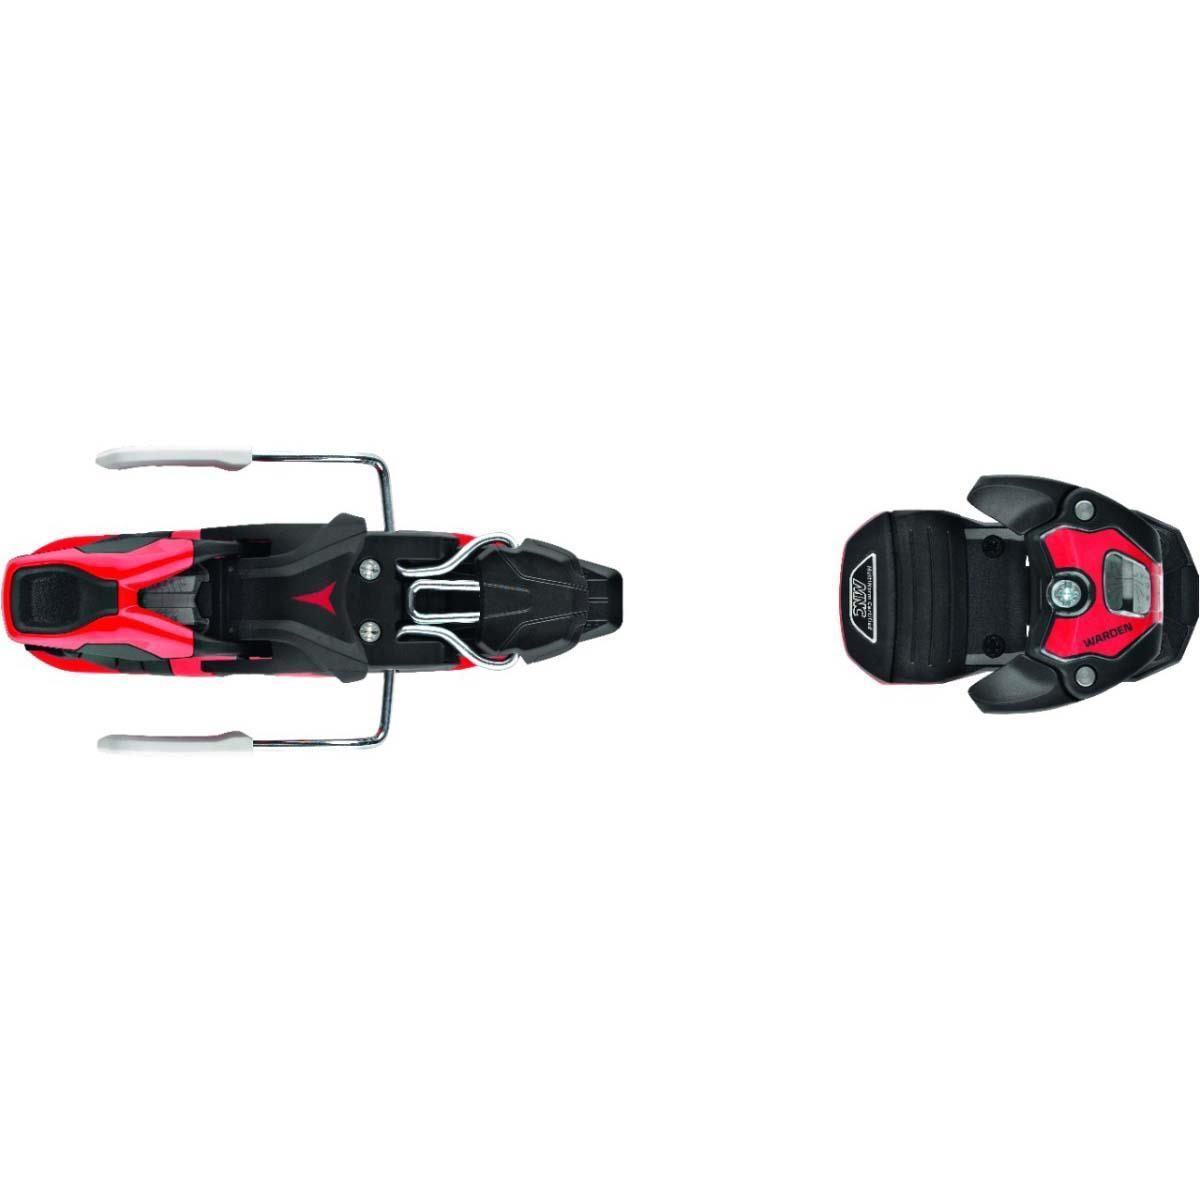 Atomic Warden 11 MNC Ski Bindings